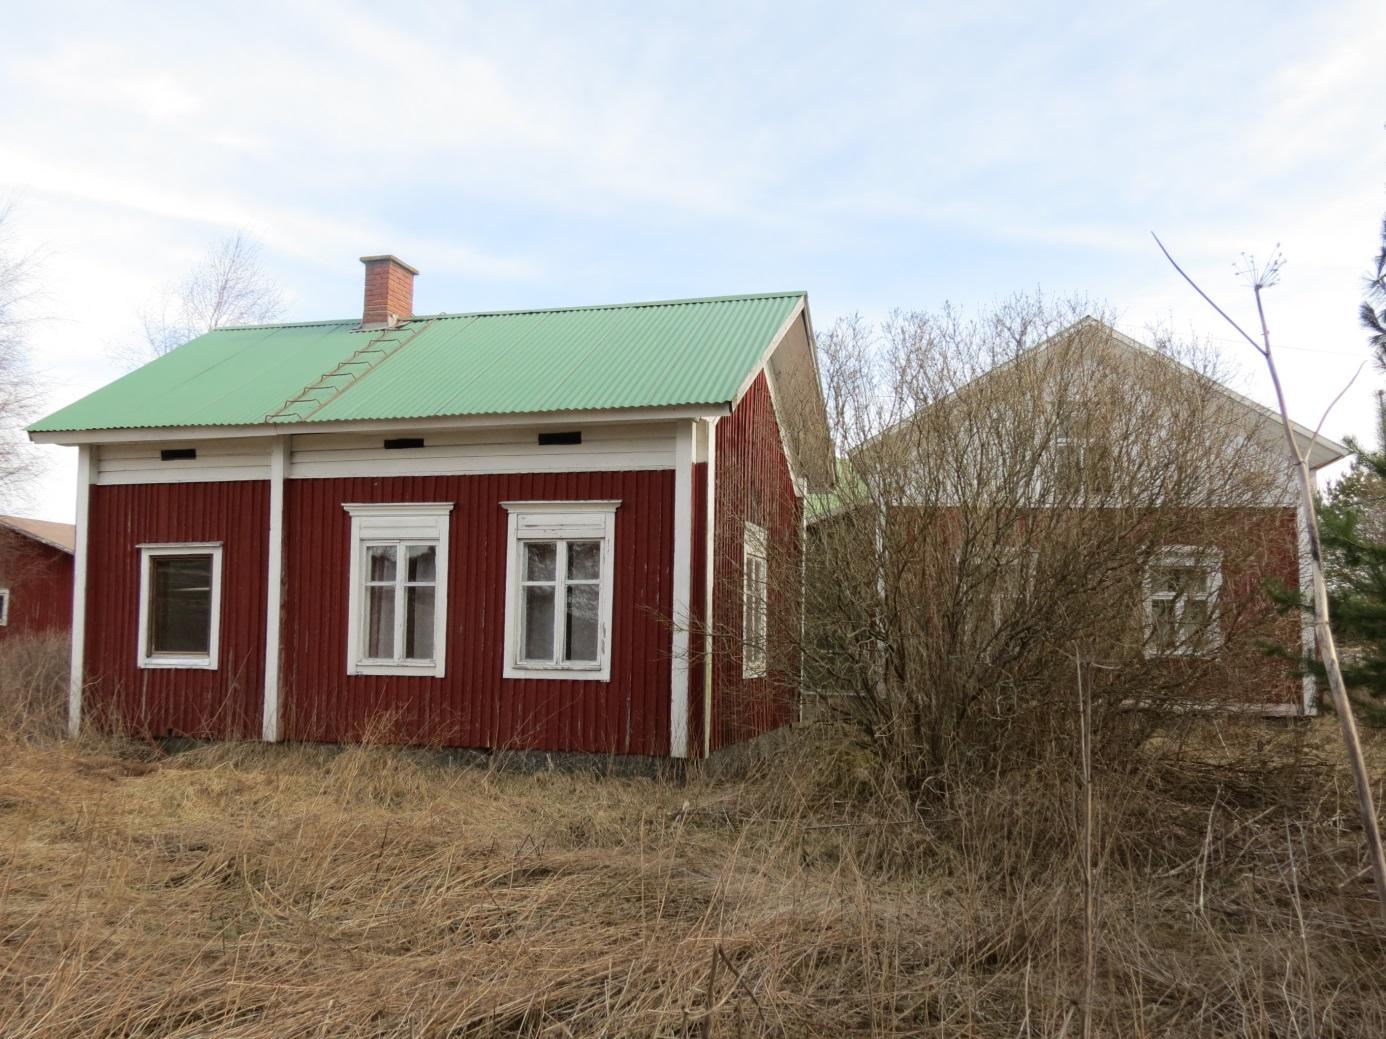 Det var alltså i den här lillstugan som Ellen började umgås med byggaren Yrjö Pullola från Storå. Lillstugan fotograferad 2014 från söder. Lillstugan var i tiderna förlängd med uthus och ett fähus.